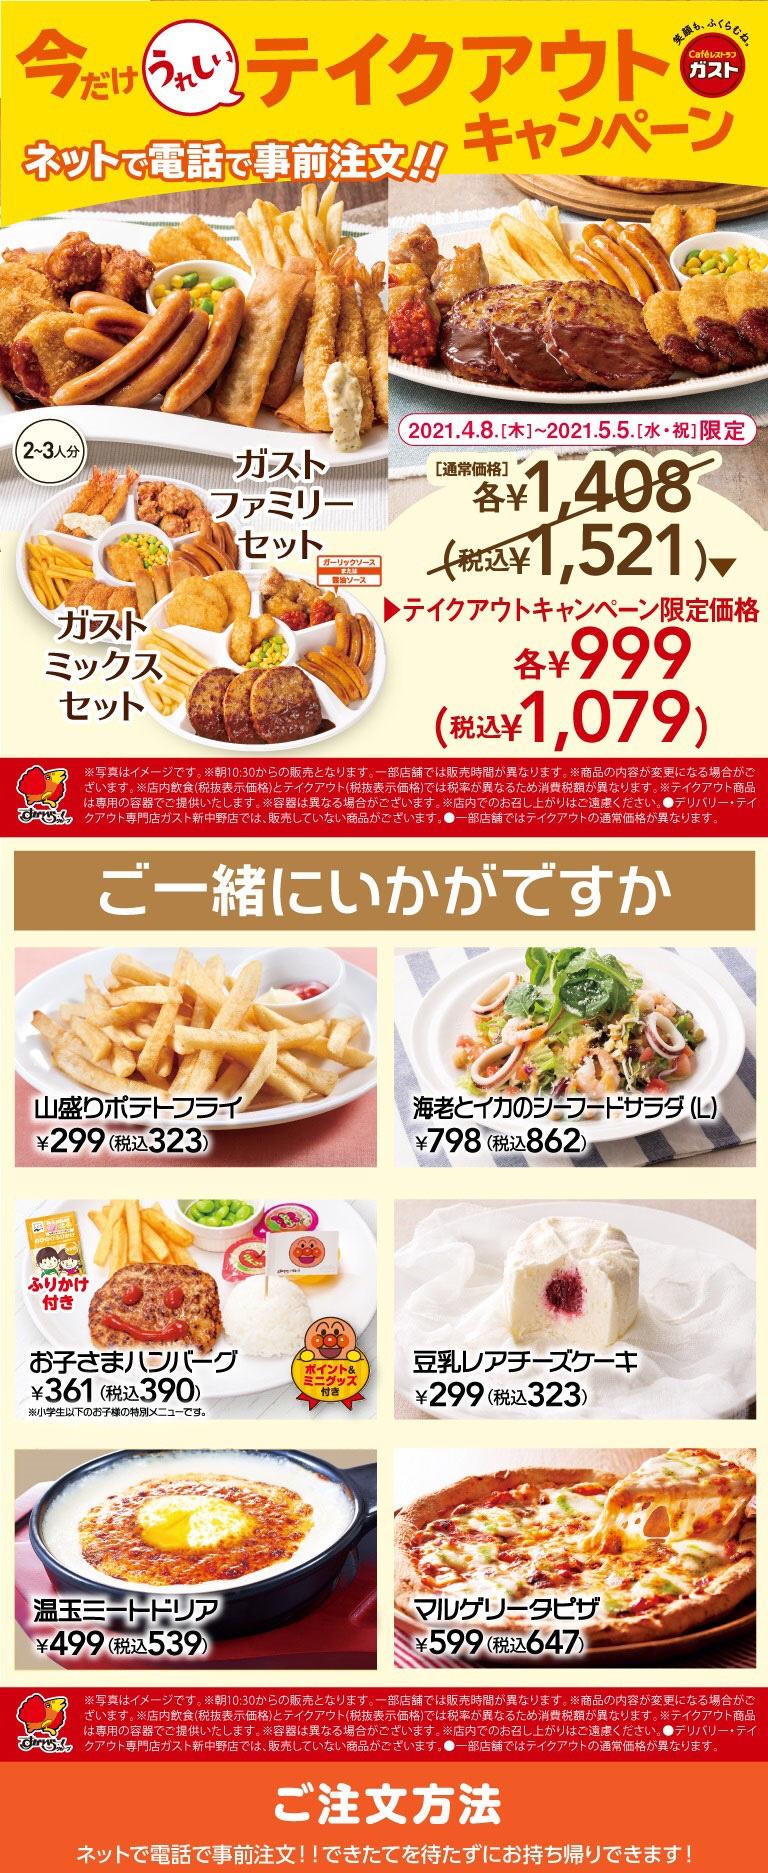 テイクアウト ガスト 【ガスト テイクアウト限定】冷凍ピザが3枚で863円